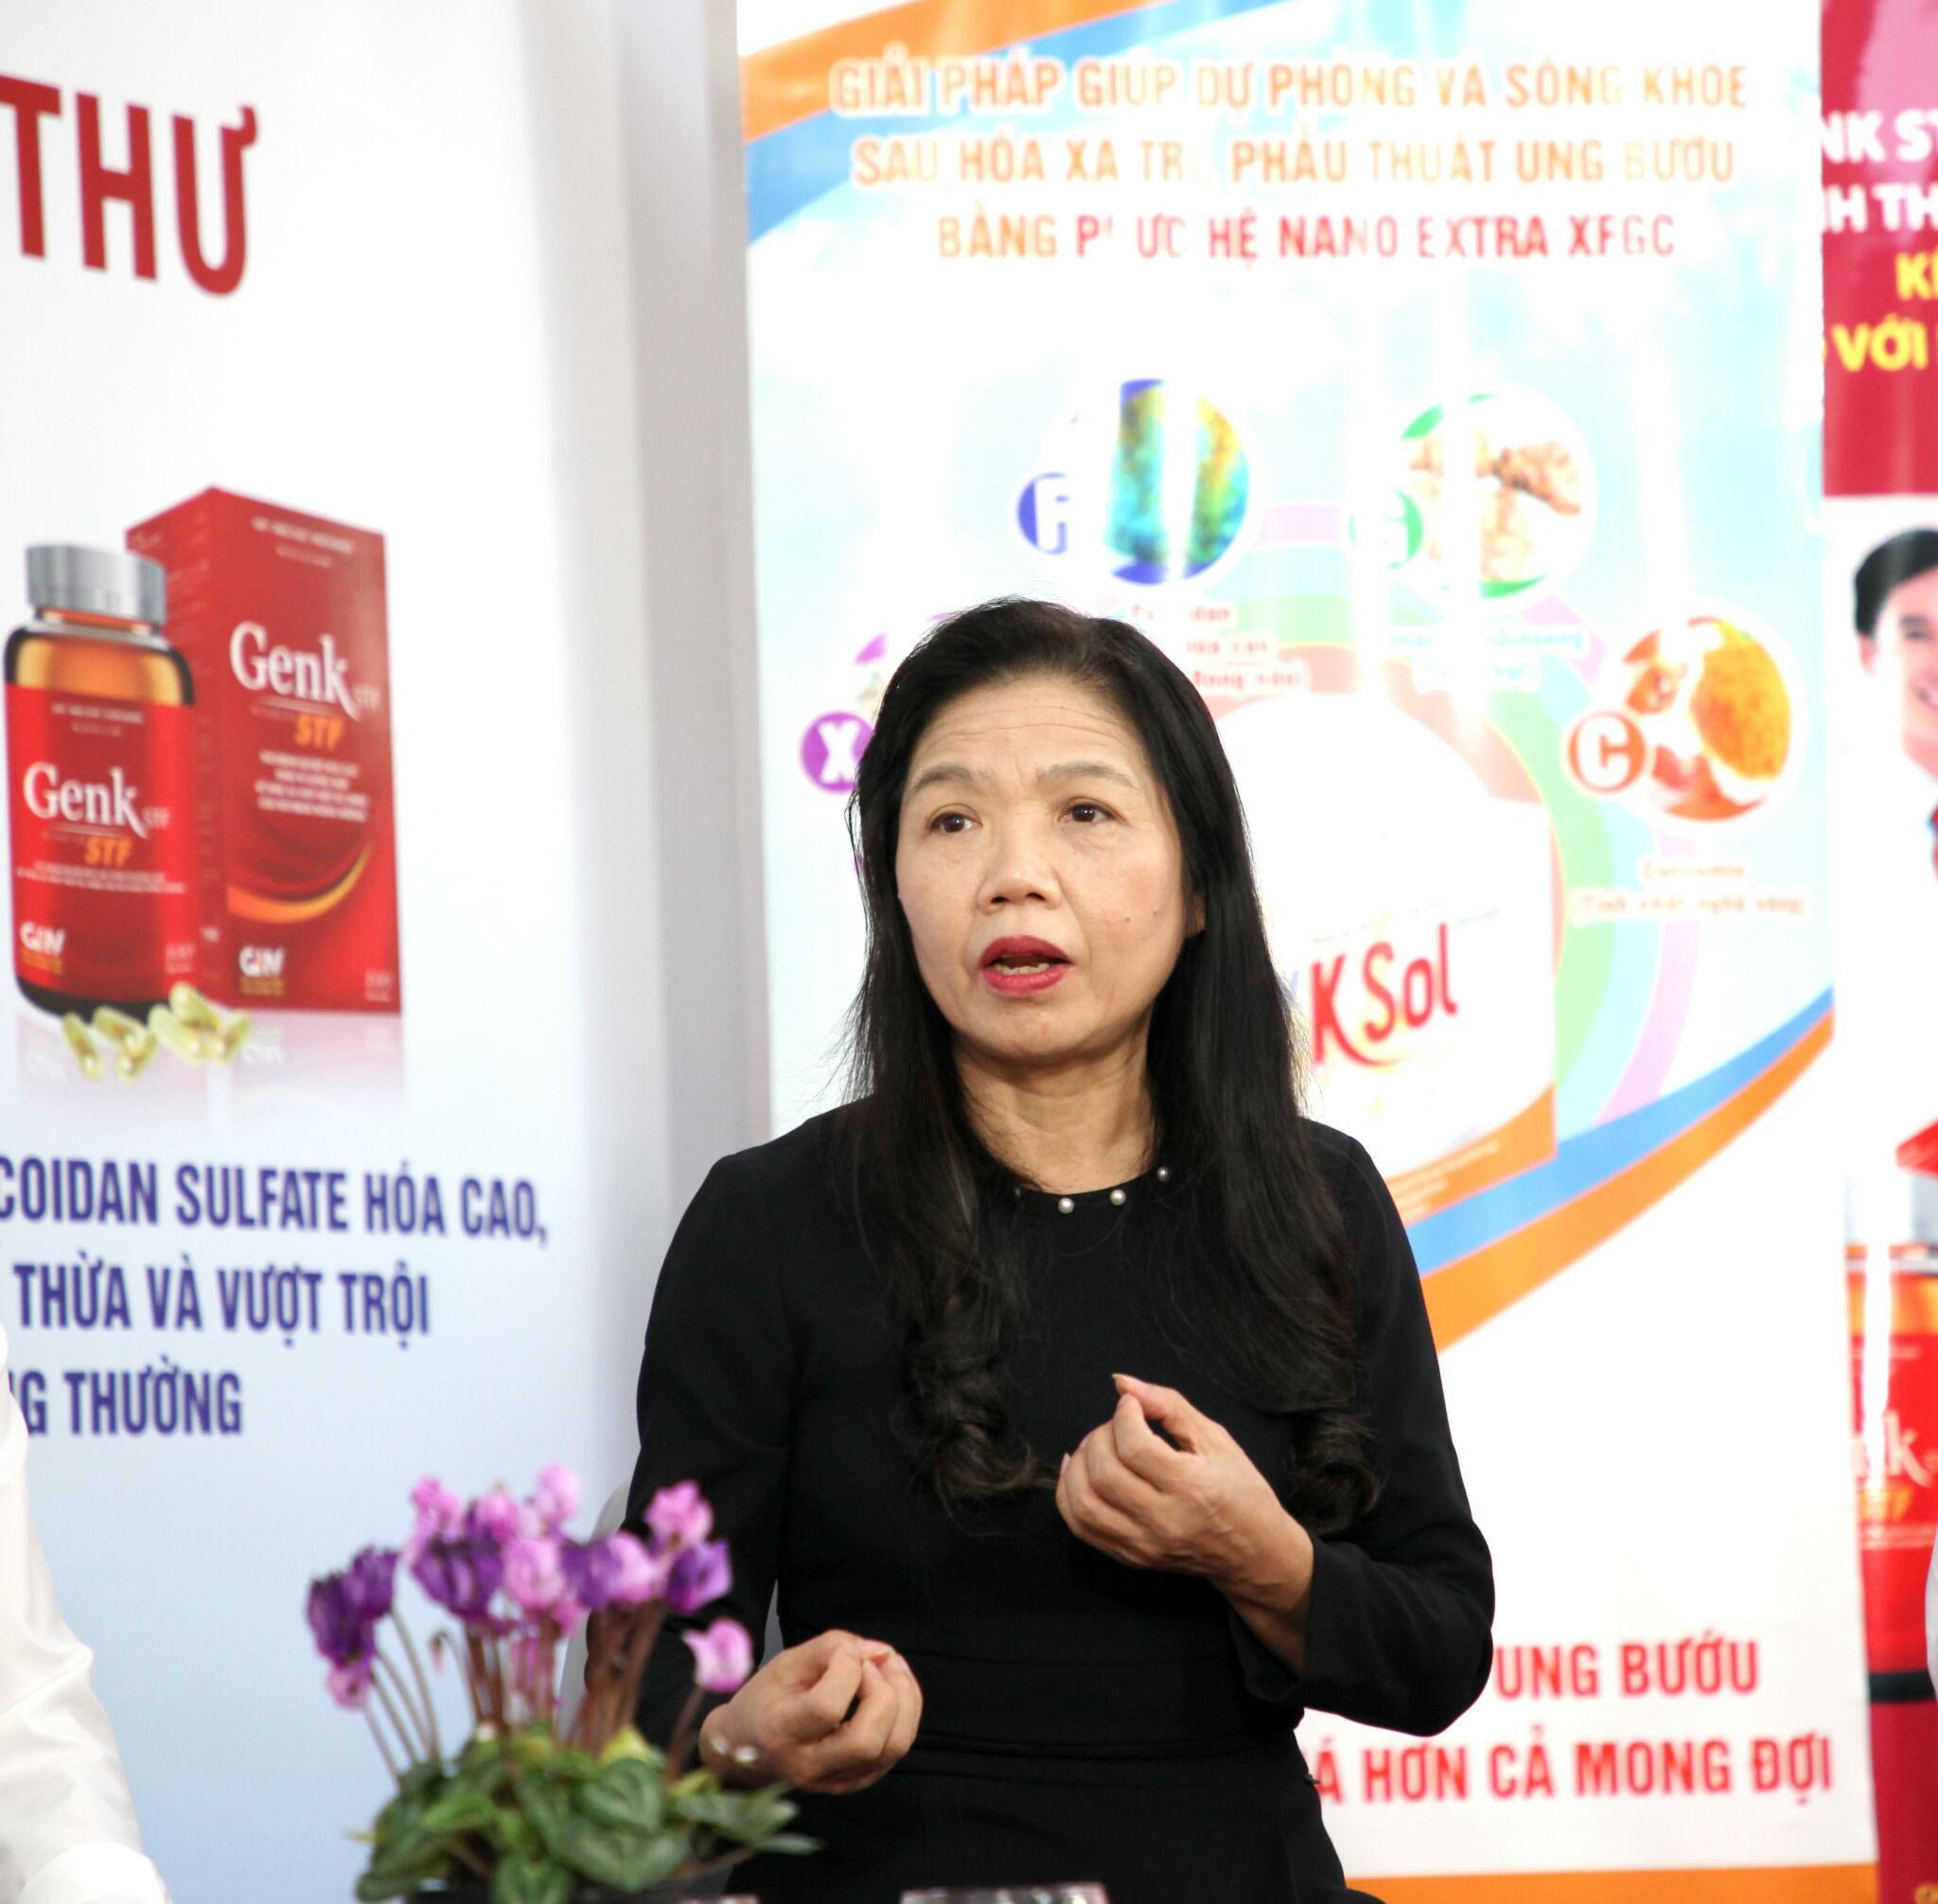 PGS. BS. Lê Bạch Mai, Nguyên Phó Viện trưởng Viện dinh dưỡng Quốc gia chia sẻ trong tọa đàm